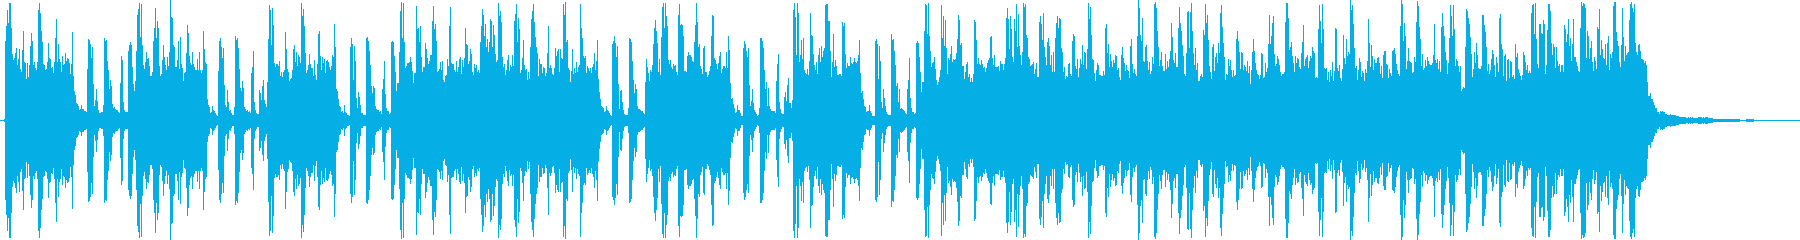 重低音がカッコいいハードロック調の曲の再生済みの波形